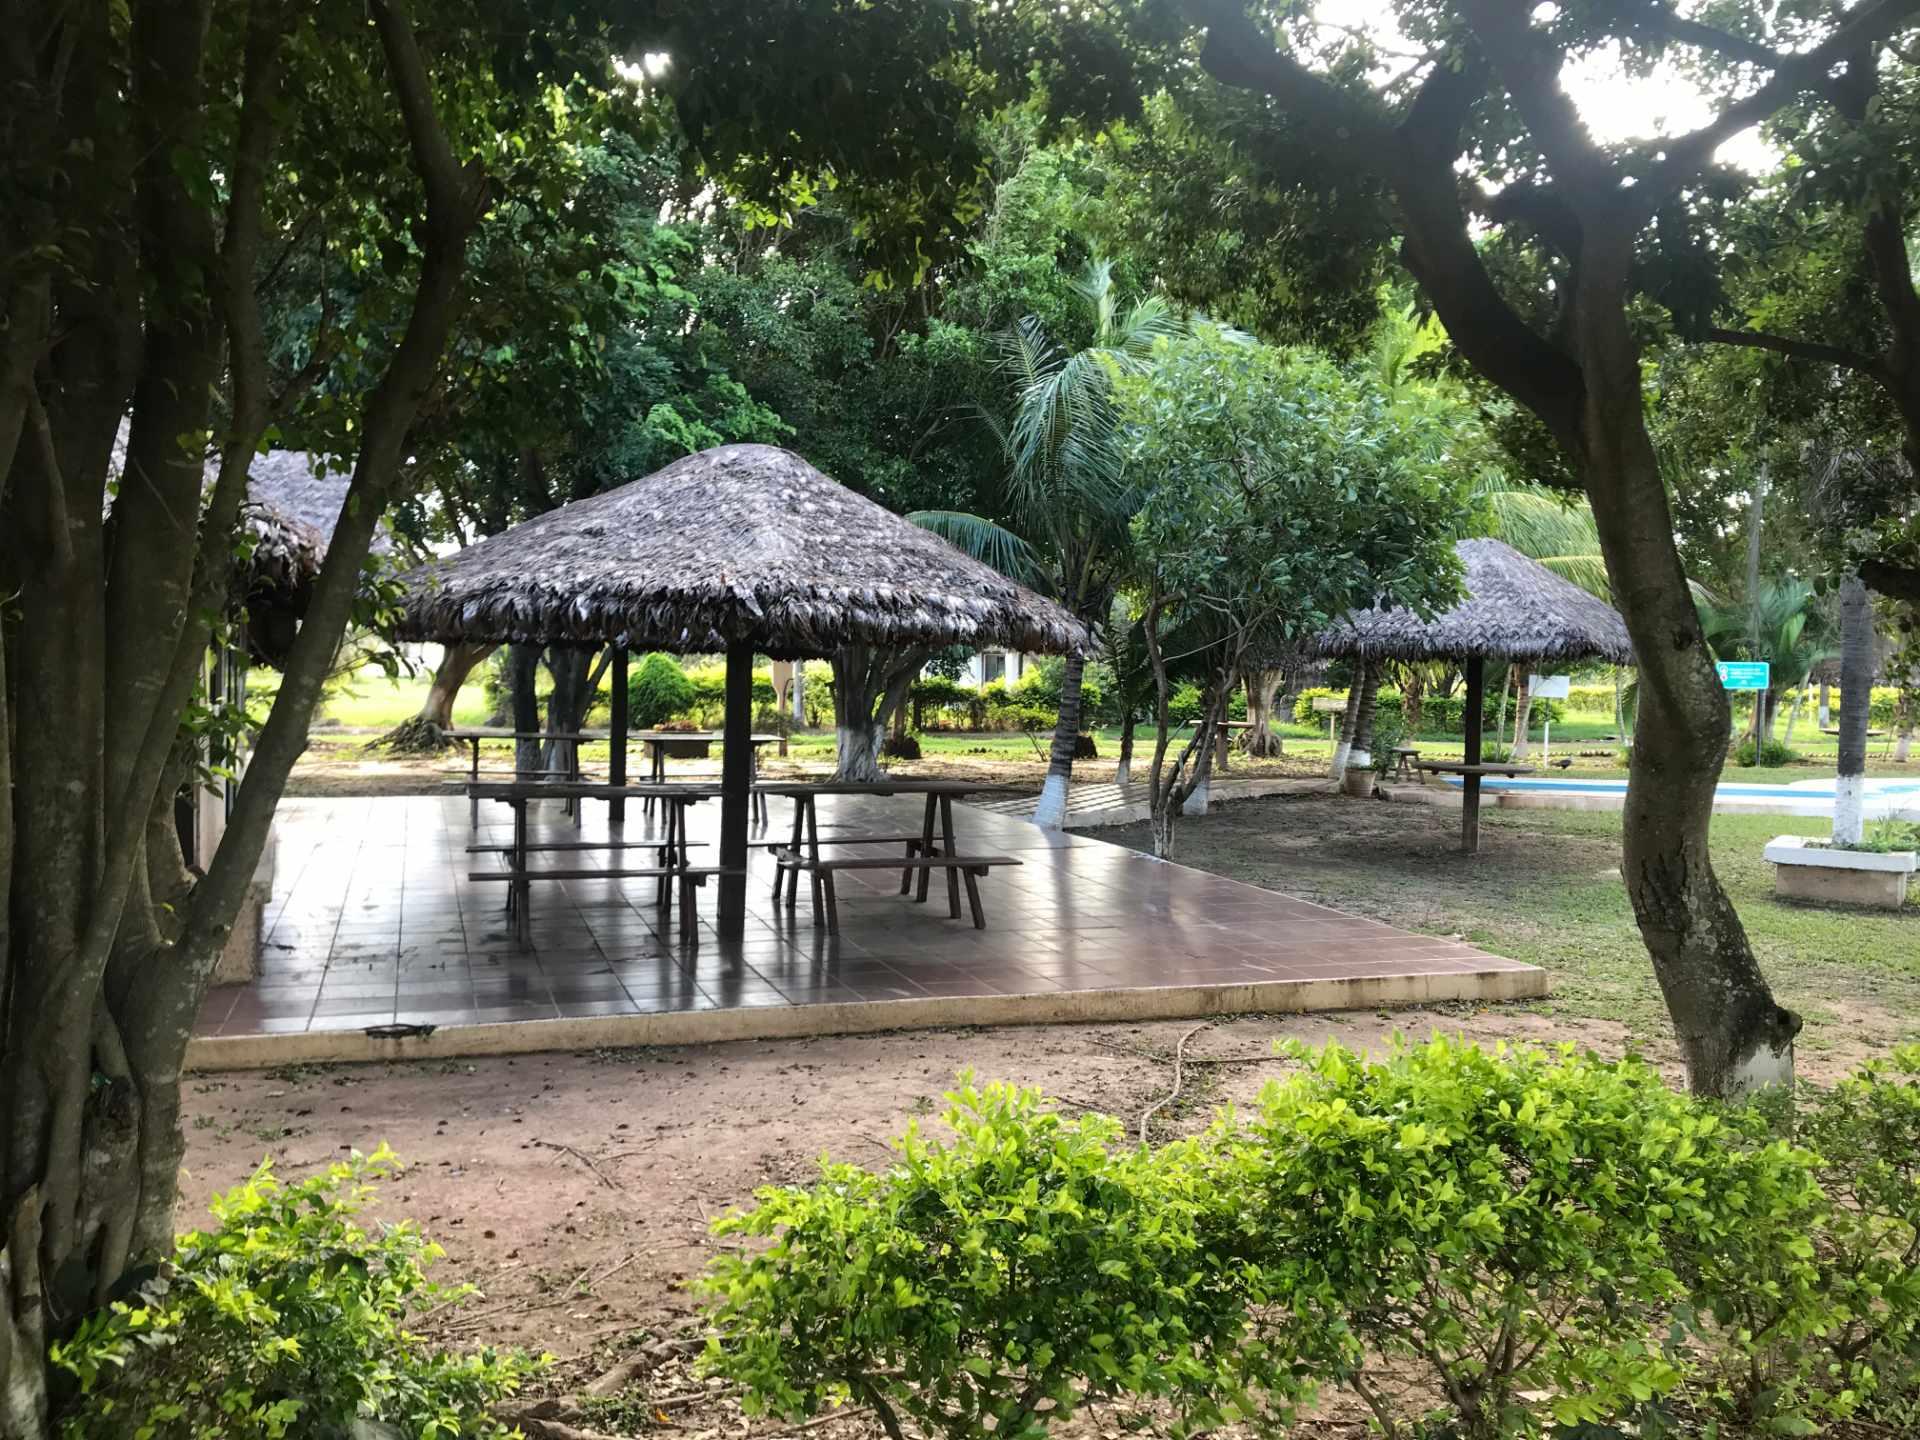 Terreno en Venta Complejo Campestre Norte, Km 23 Carretera al Norte.  Foto 2